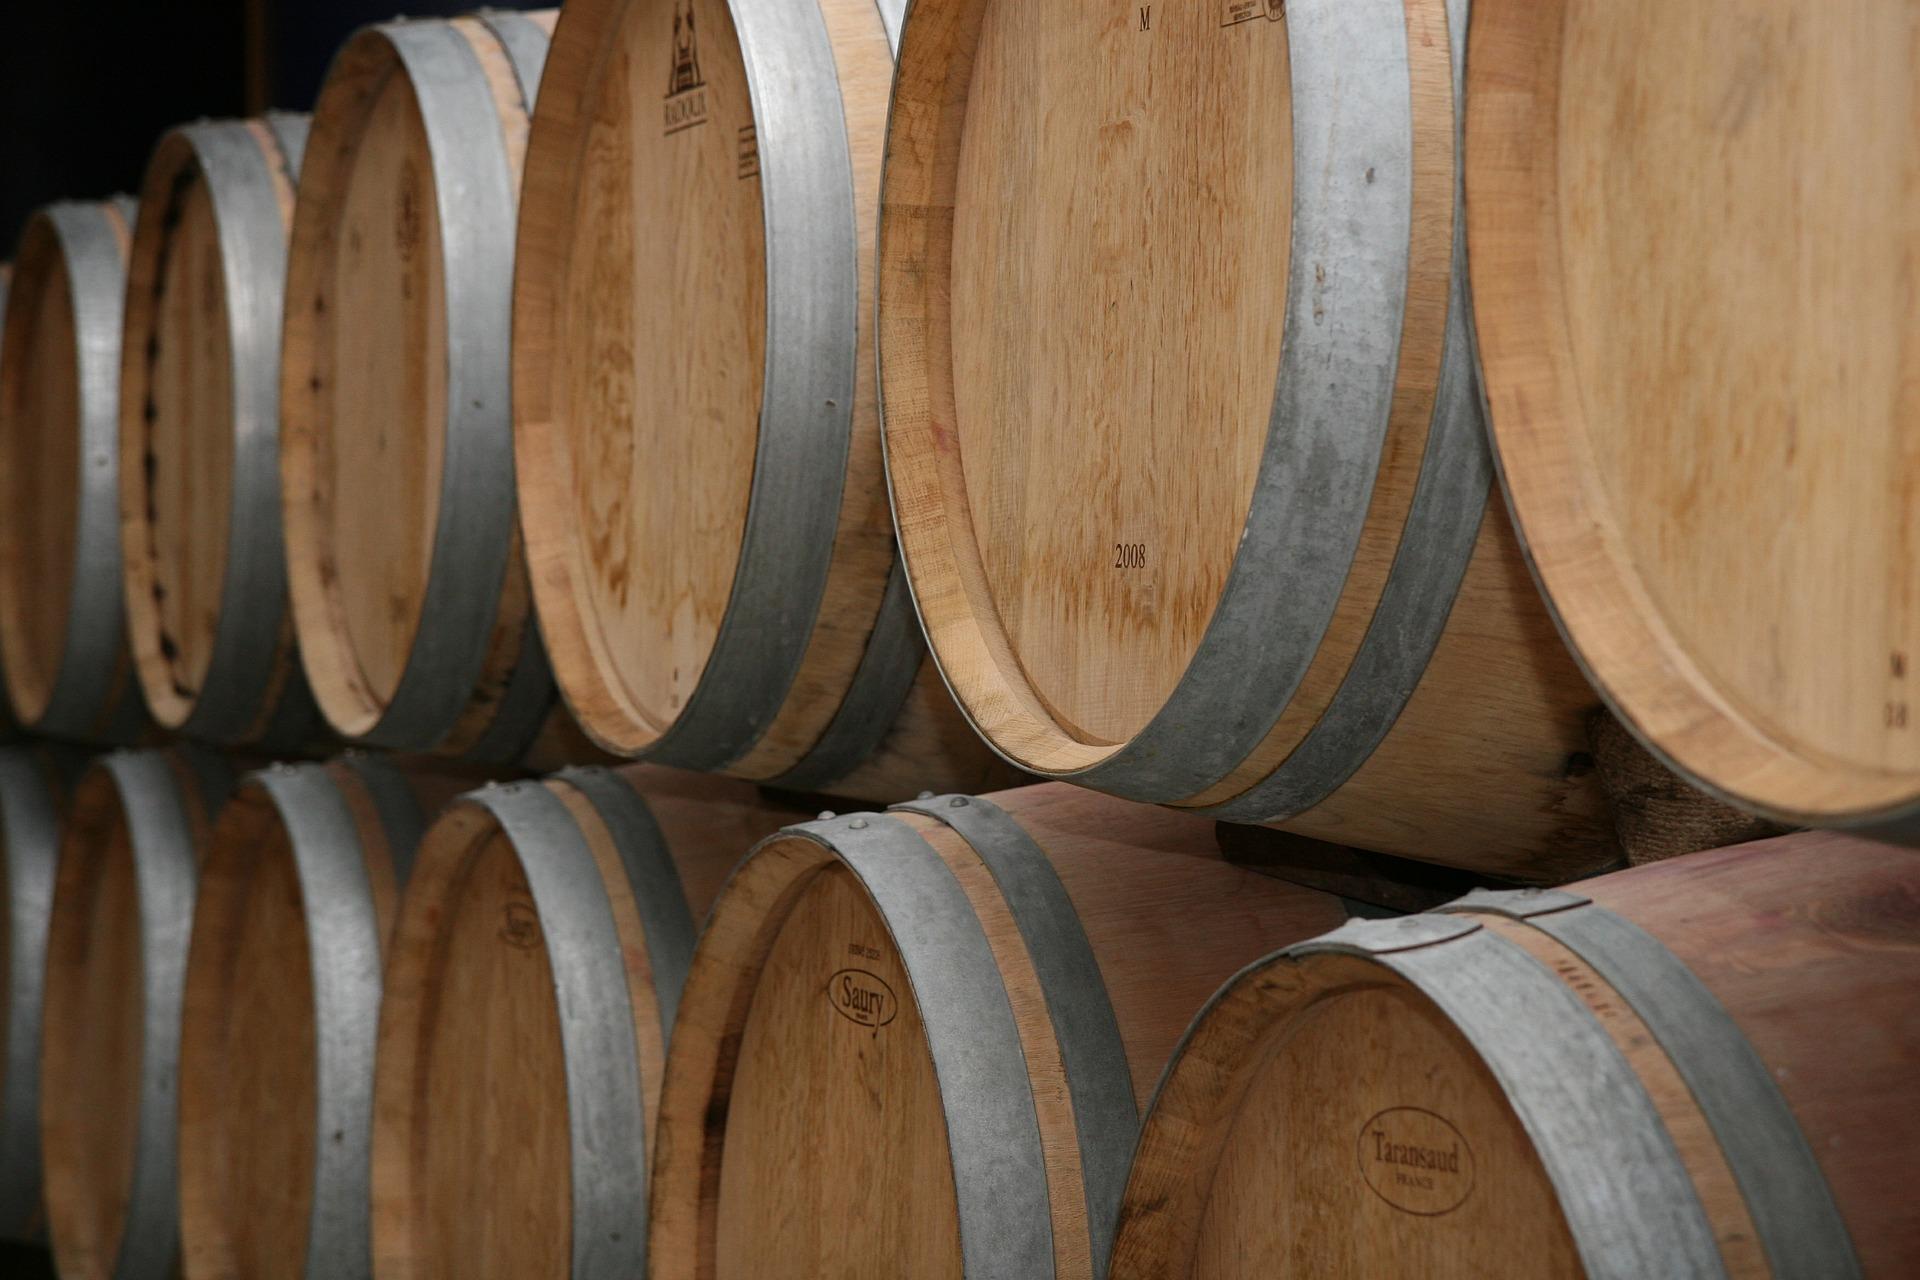 Wine stay in Bordeaux - Bordeaux - wine region - 2